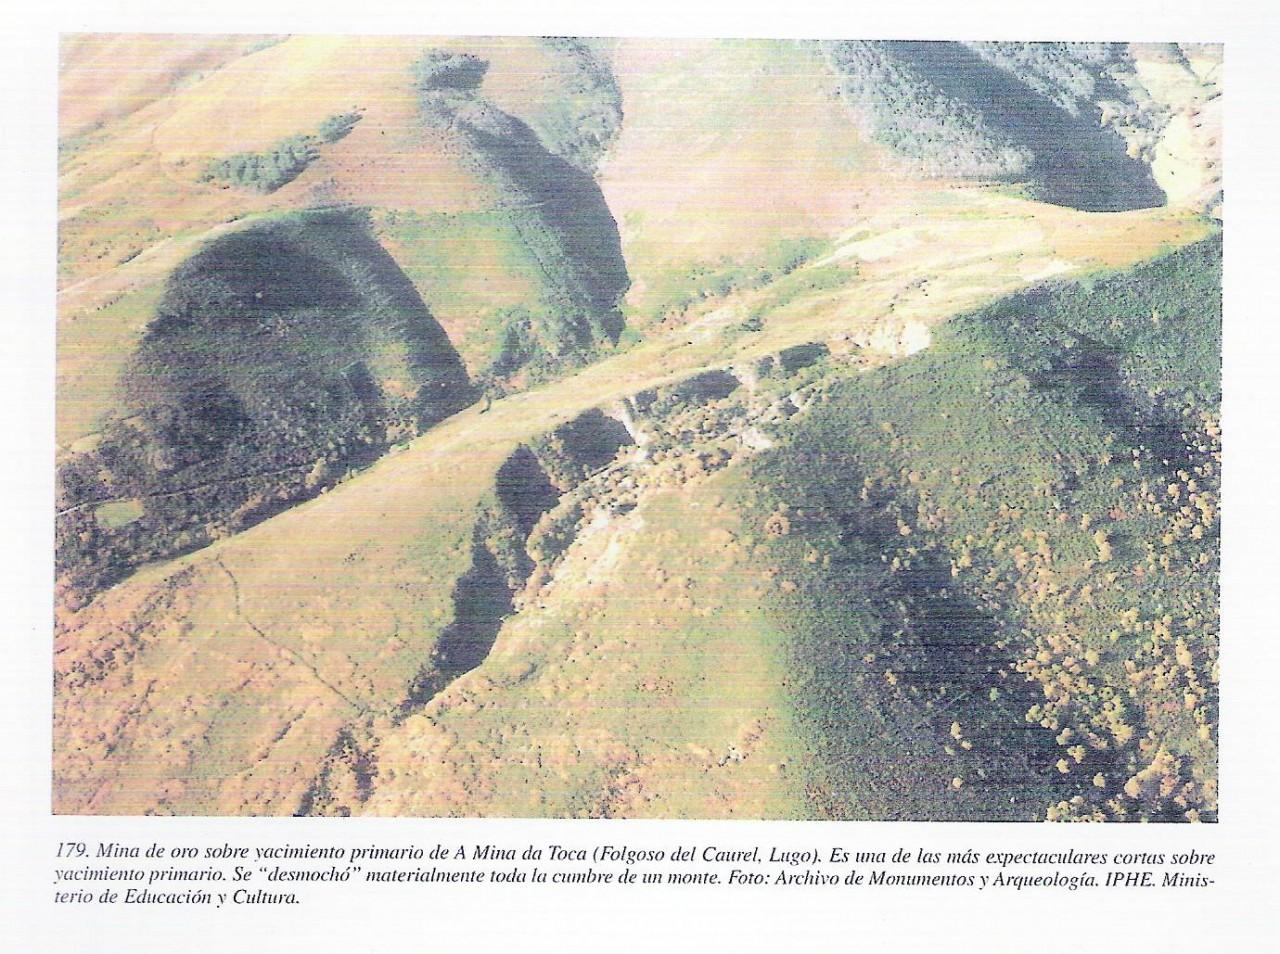 Mina antigua de oro O Caurel similar yacimiento de Cobarradeiras-Cobas